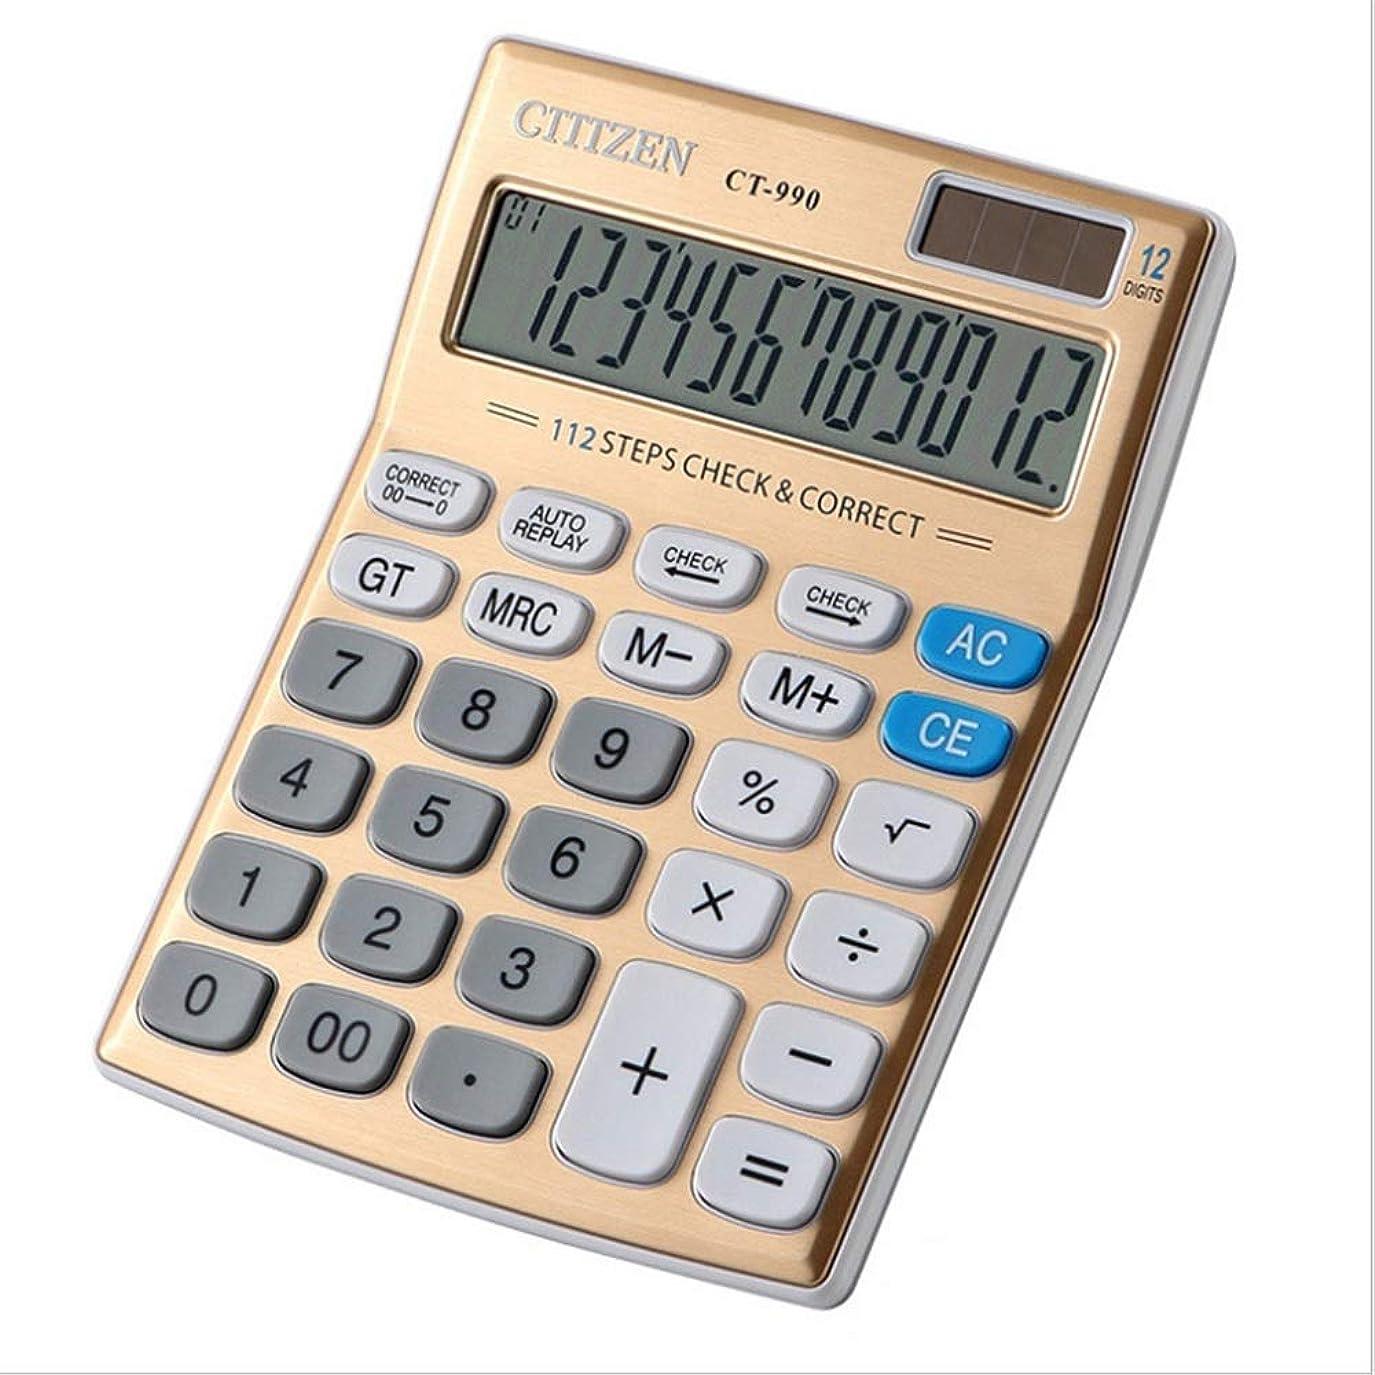 ロッジ累計ペルー電子式電卓 ゴールドカラー12桁の大型ディスプレイ電卓太陽電池の液晶ディスプレイのオフィスの電卓電子デスクトップの電卓ビジネスギフト コンパクトポータブル